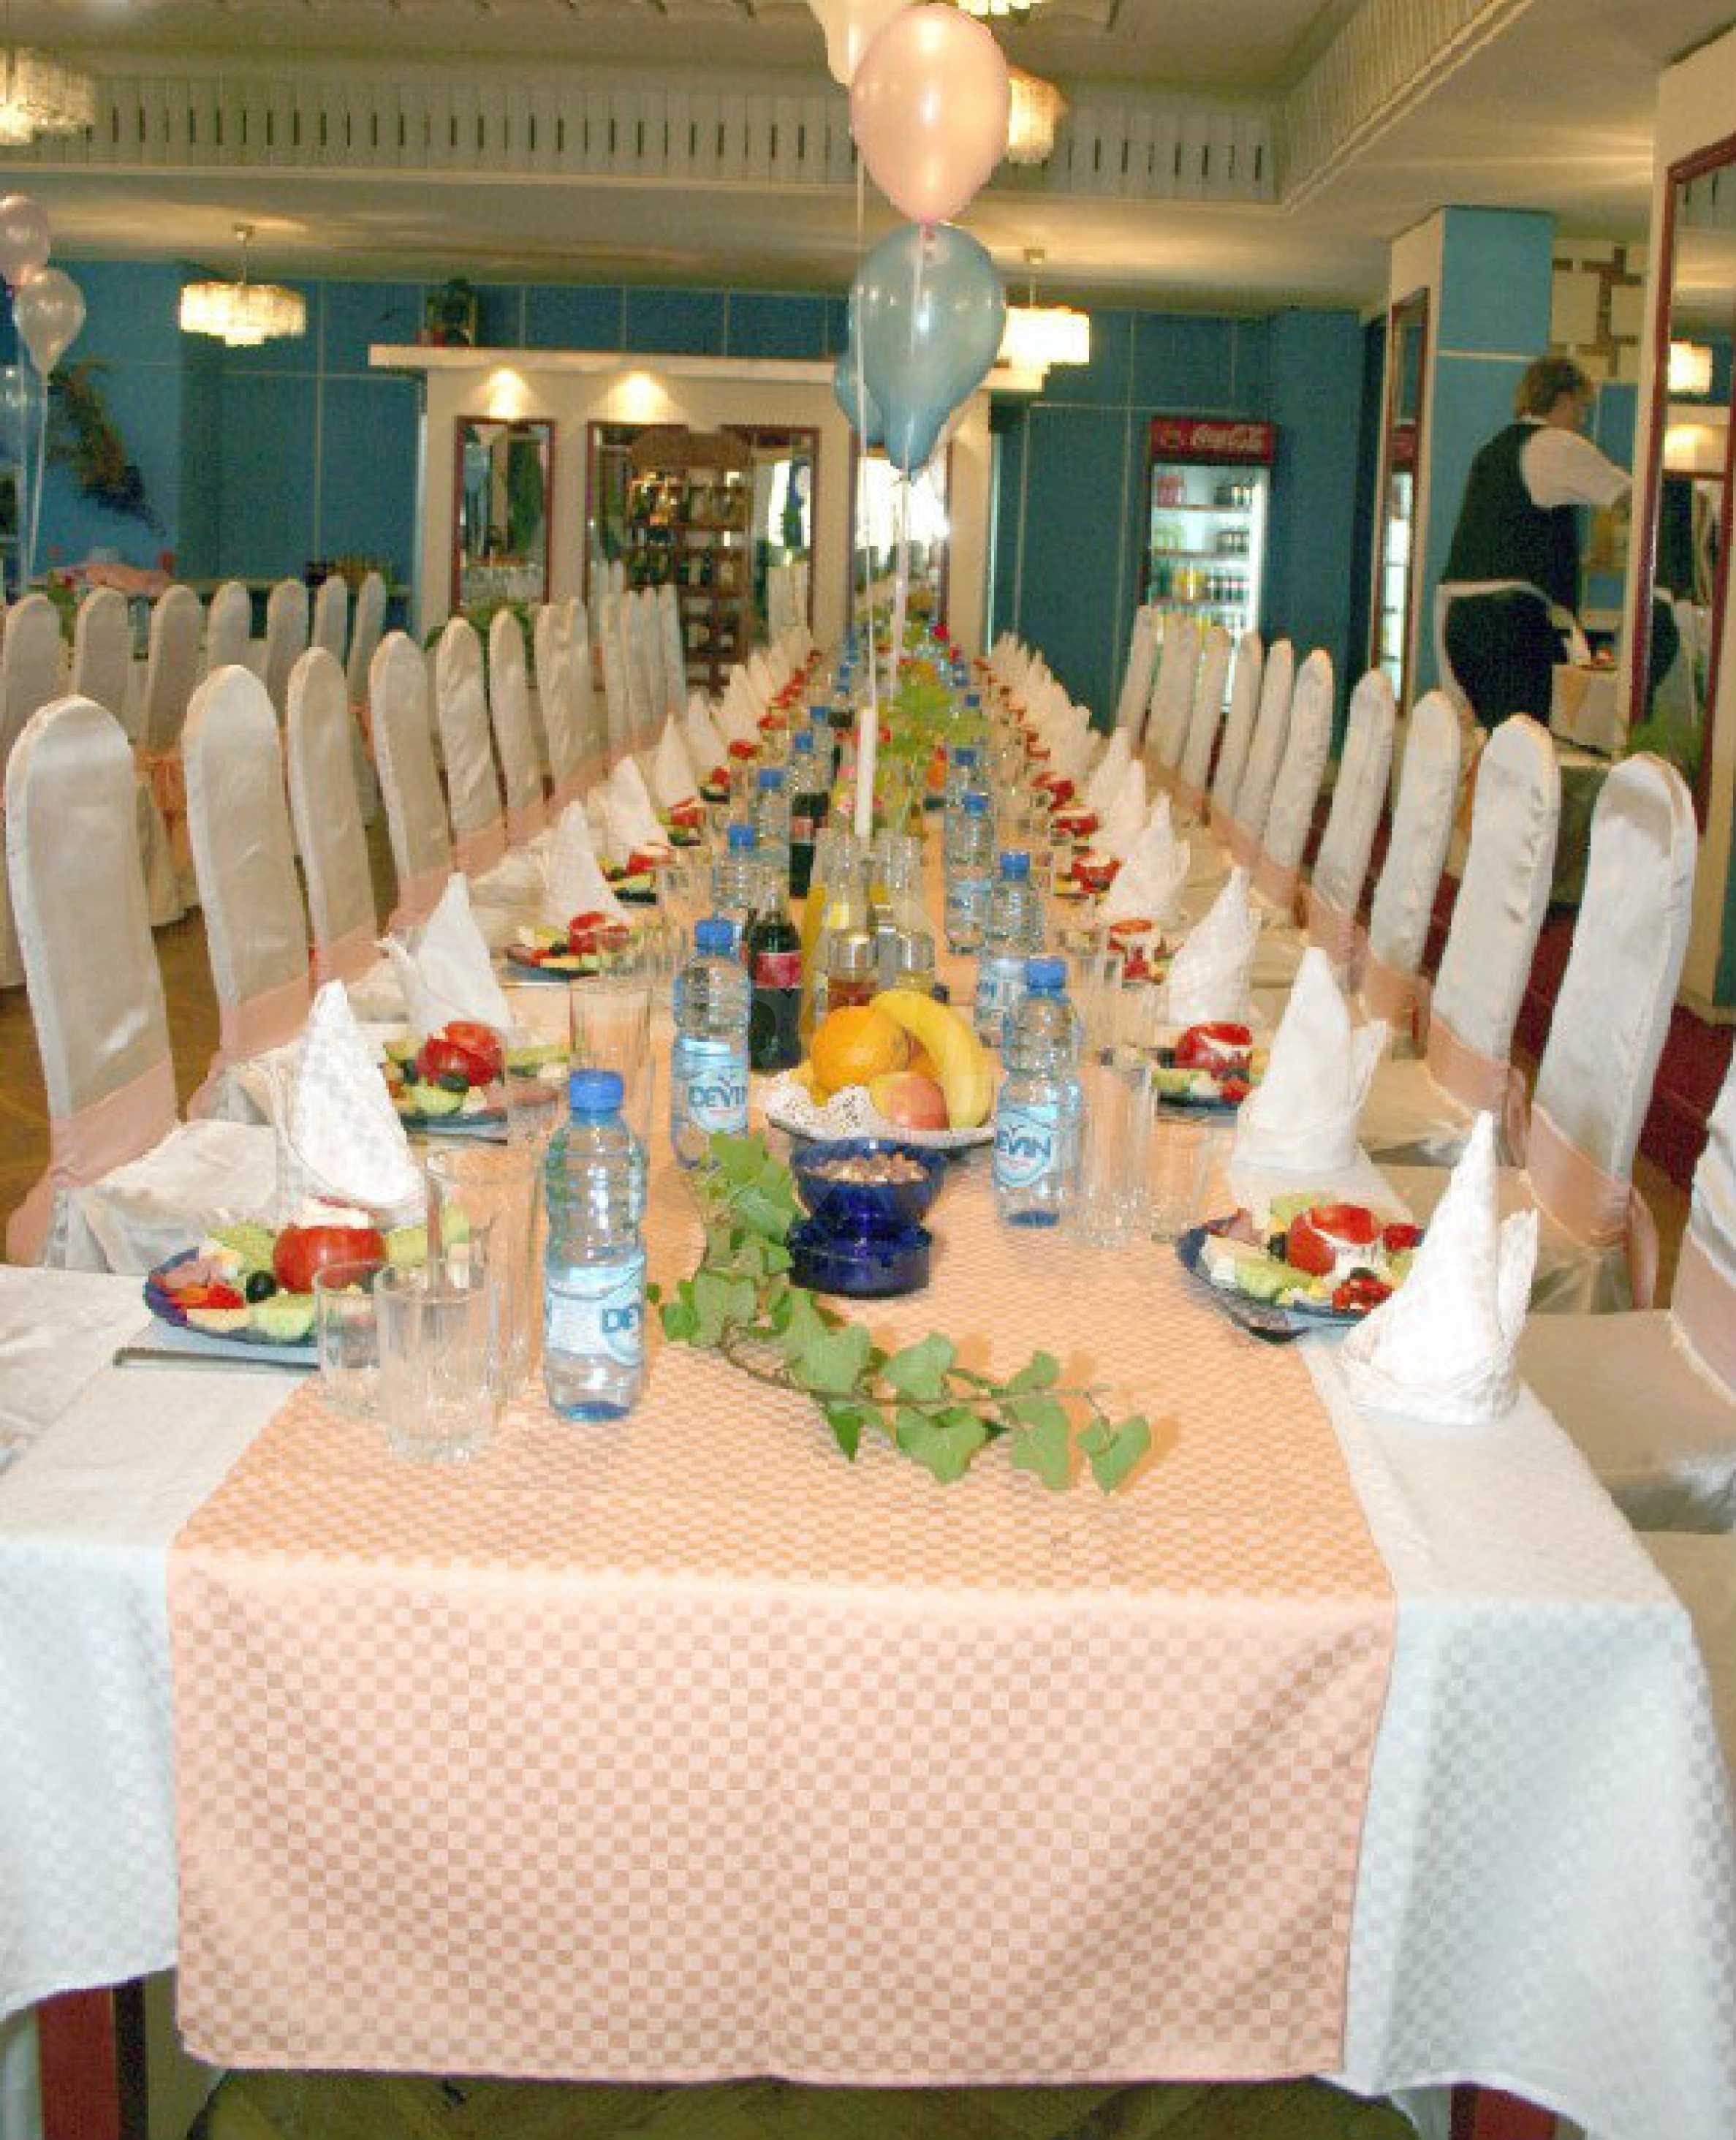 Betriebsrestaurant in der oberen Mitte von Gabrovo 7